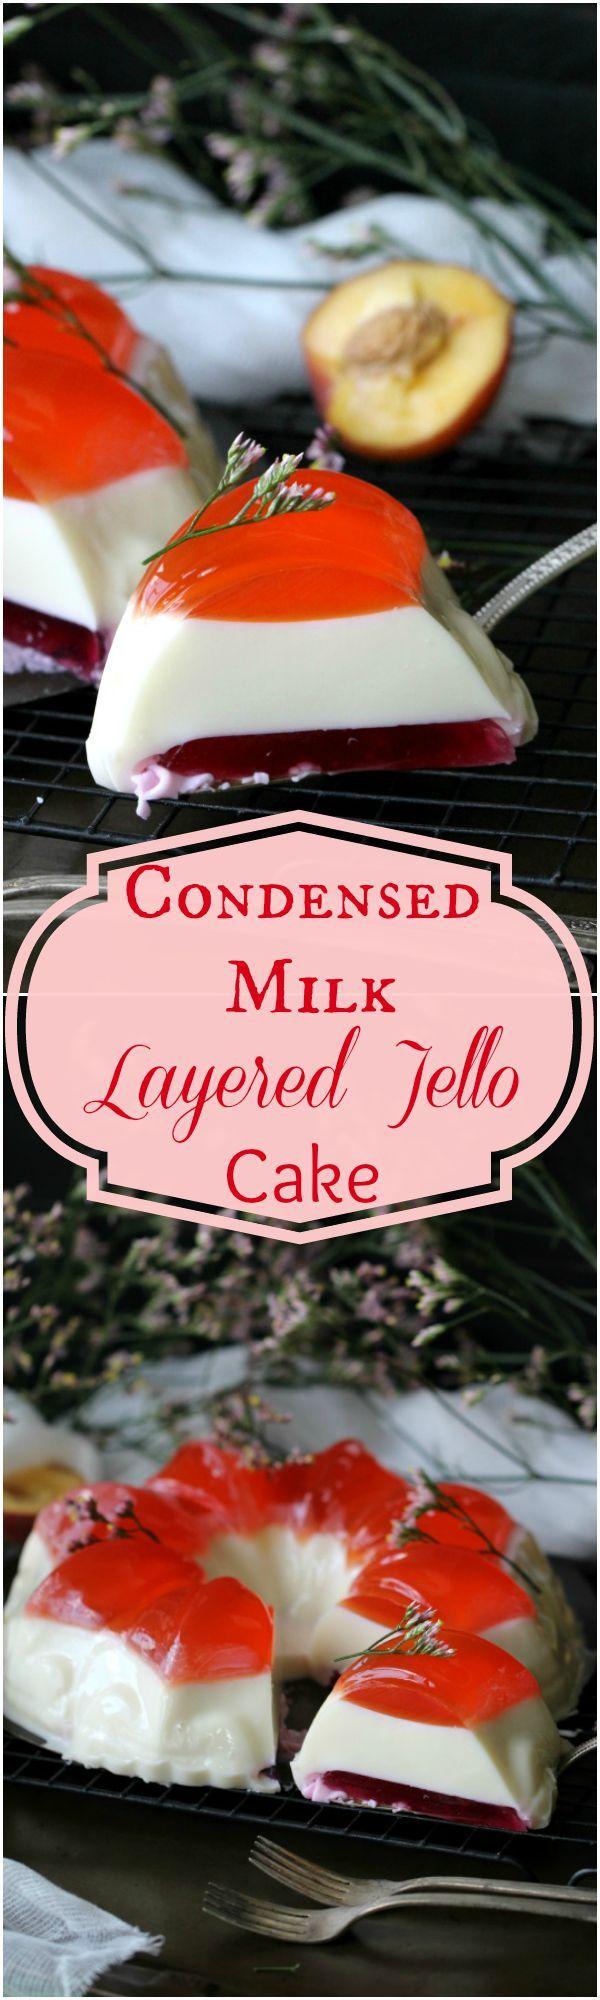 How do you make a jelly cake